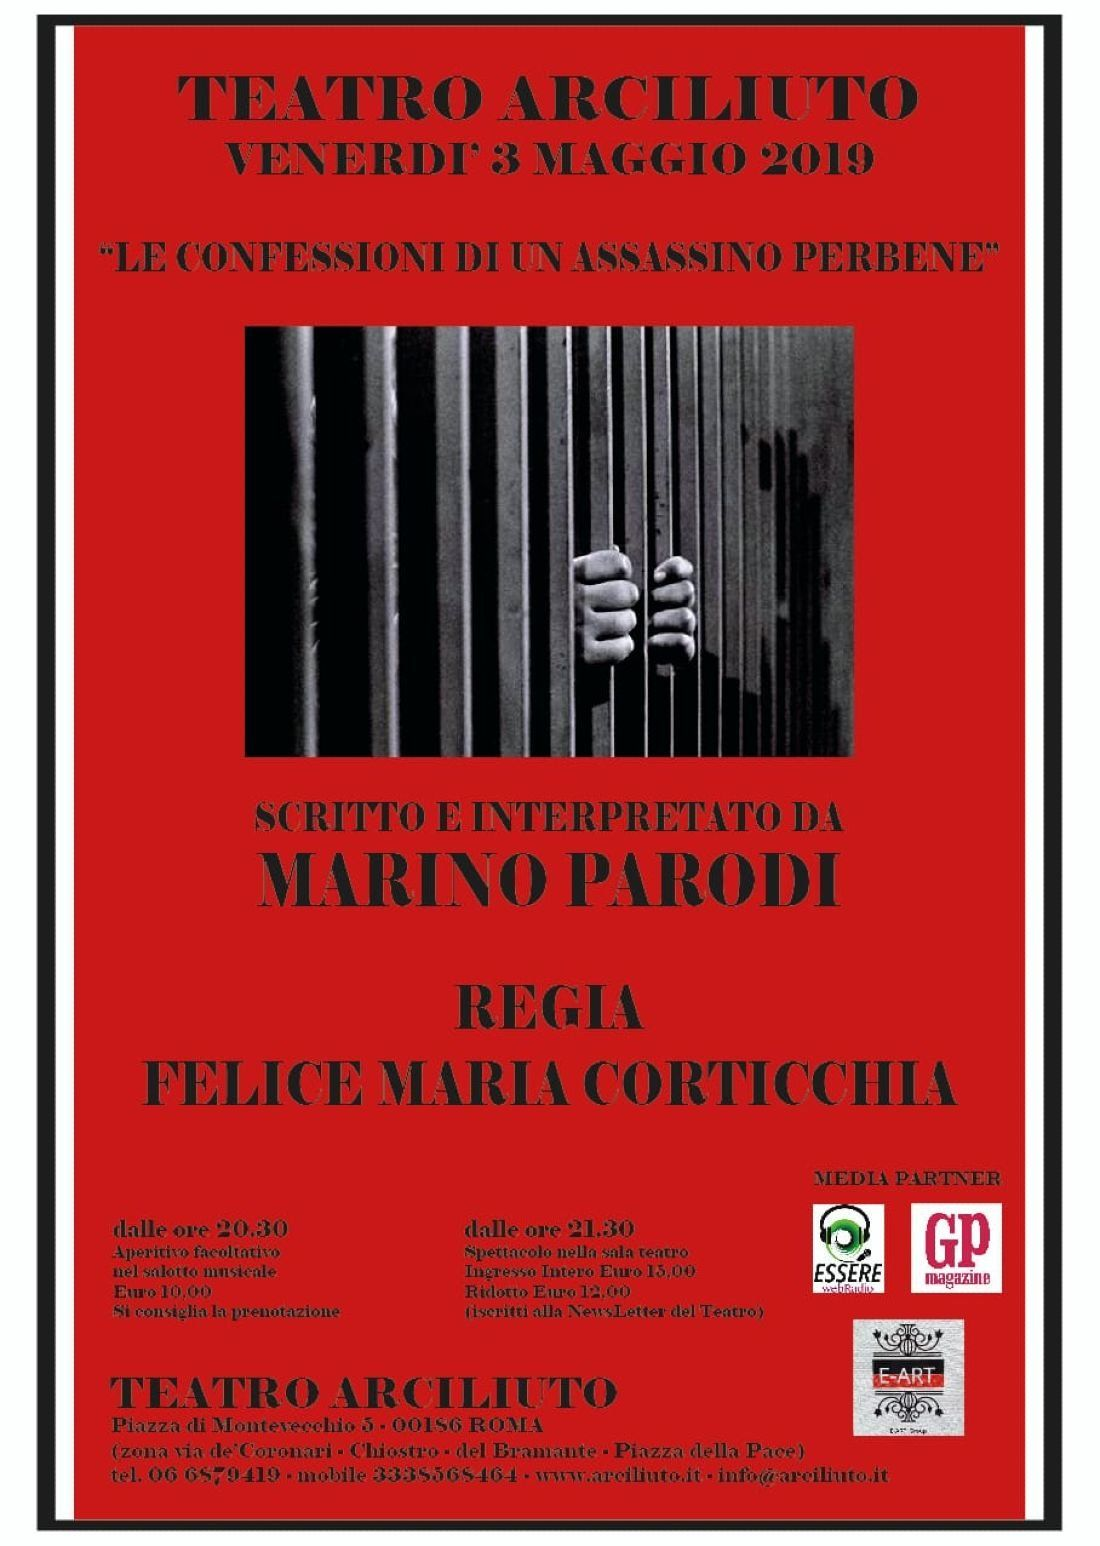 Le confessioni di un assassino perbene di e con Marino Parodi regia Felice Corticchia